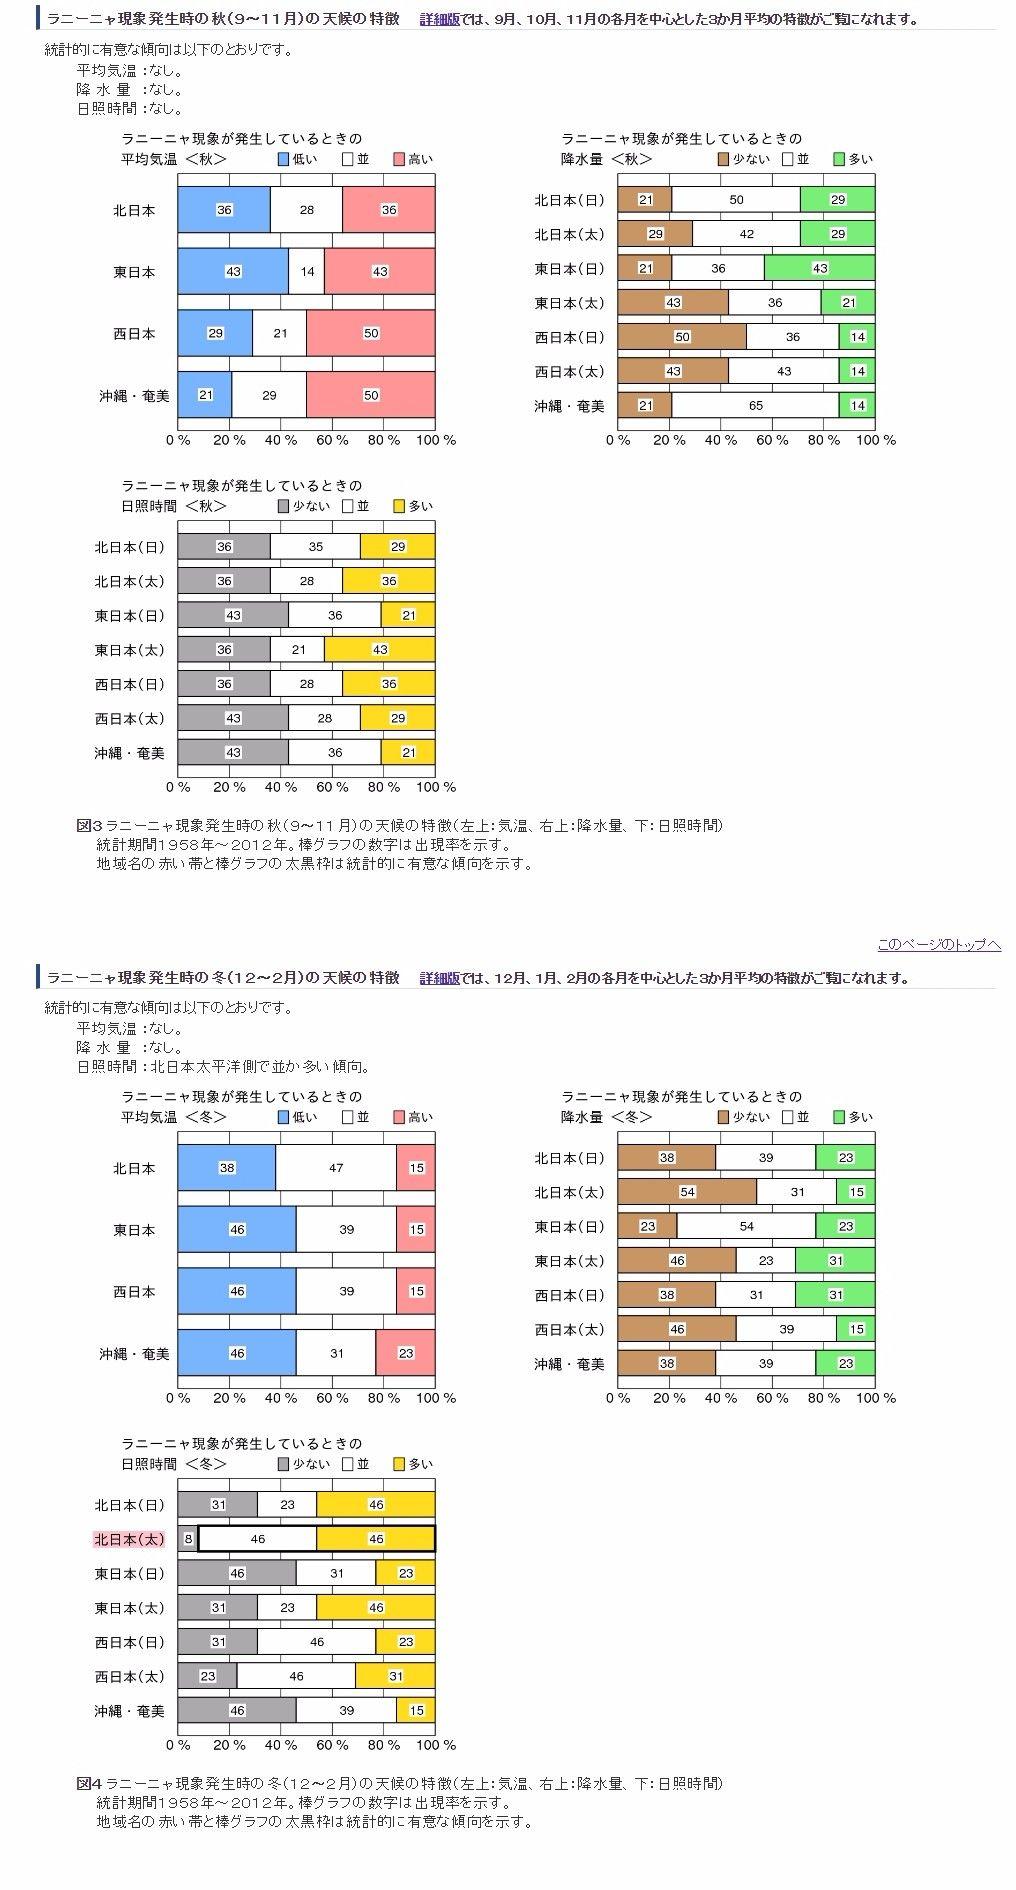 【異常気象】気象庁「ラニーニャ現象が継続している」…冬が早まる傾向